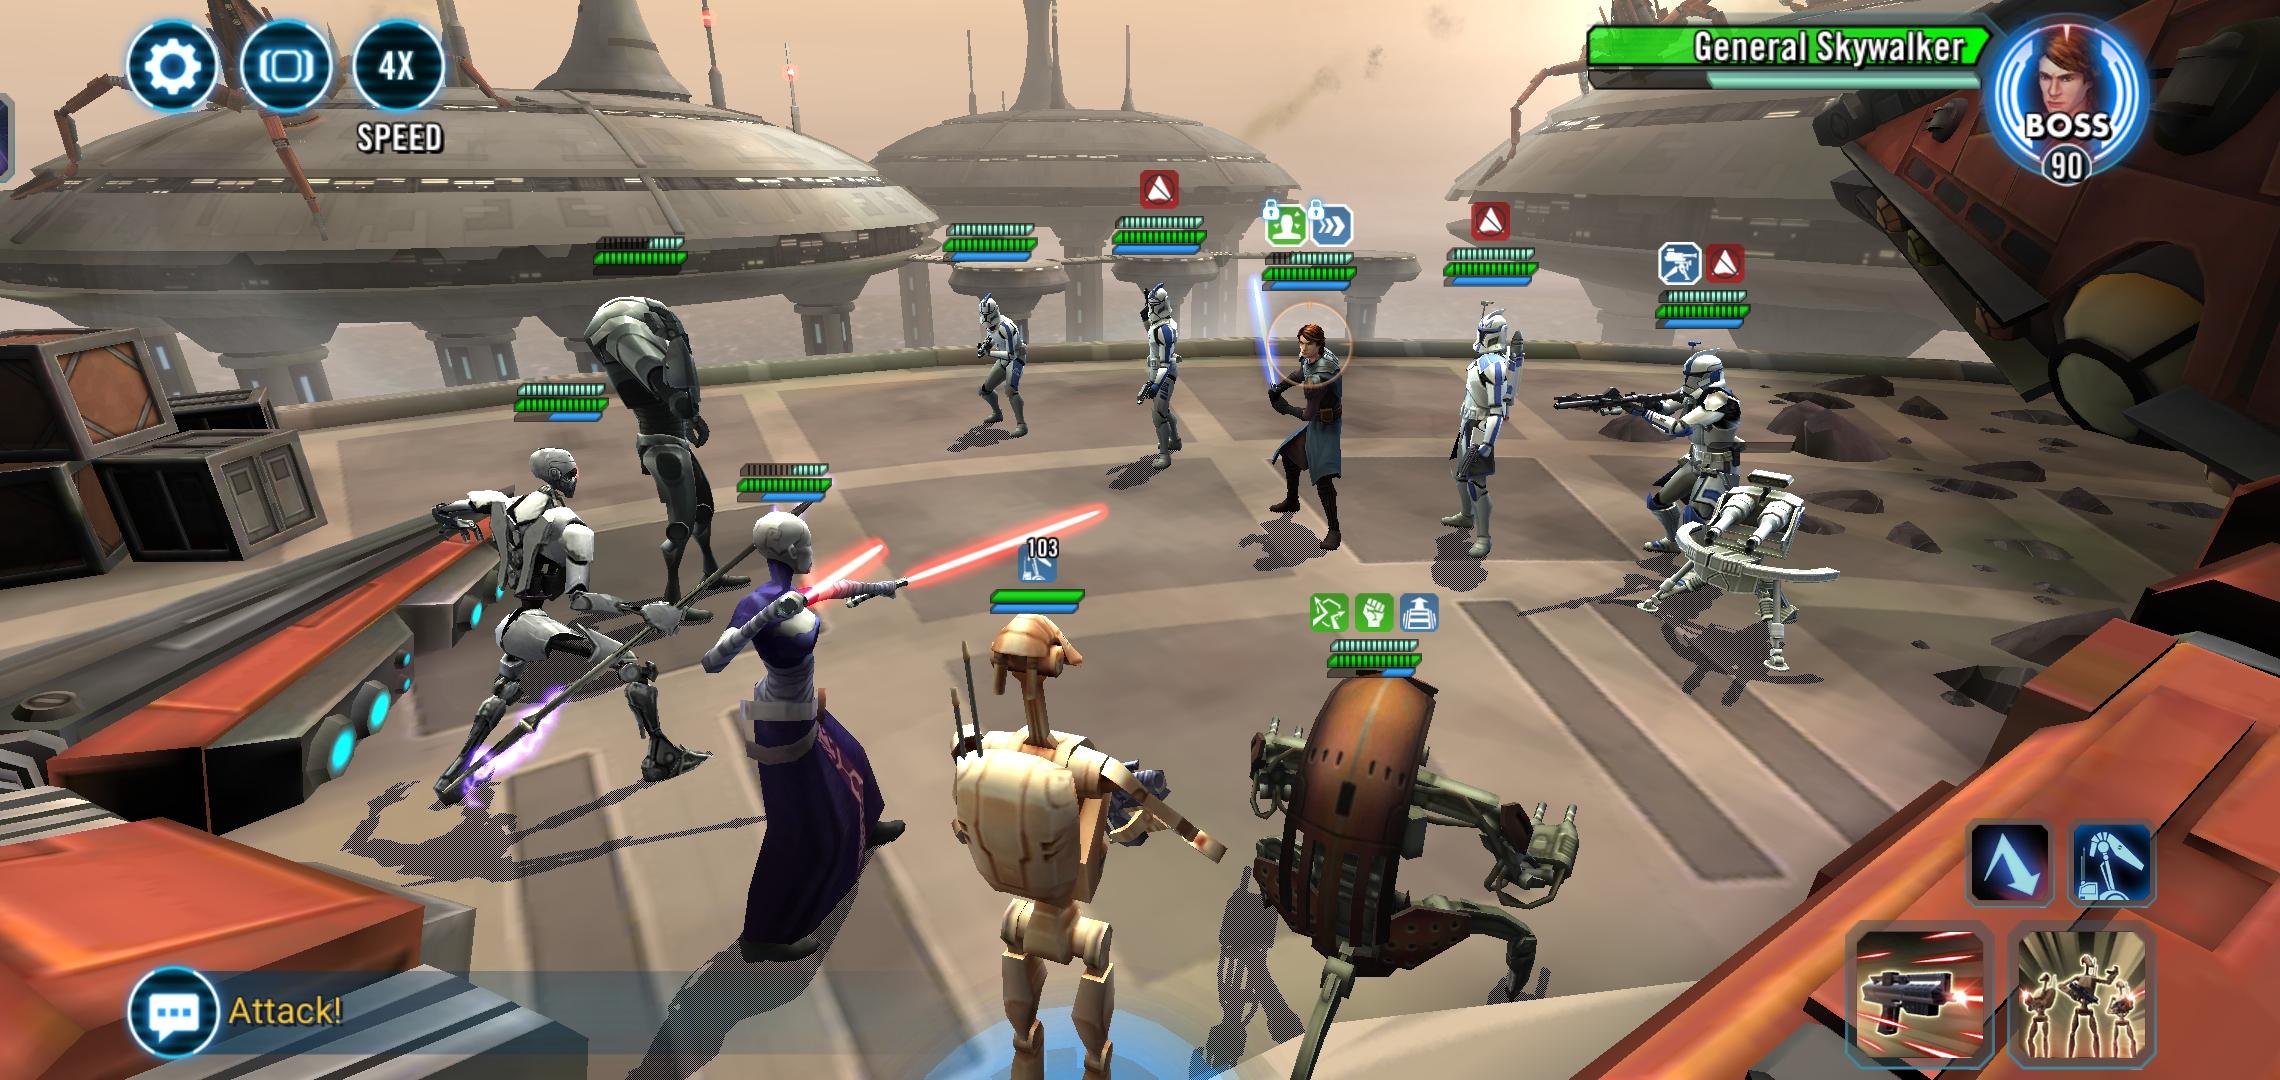 Screenshot_20200922-220932_Heroes.jpg